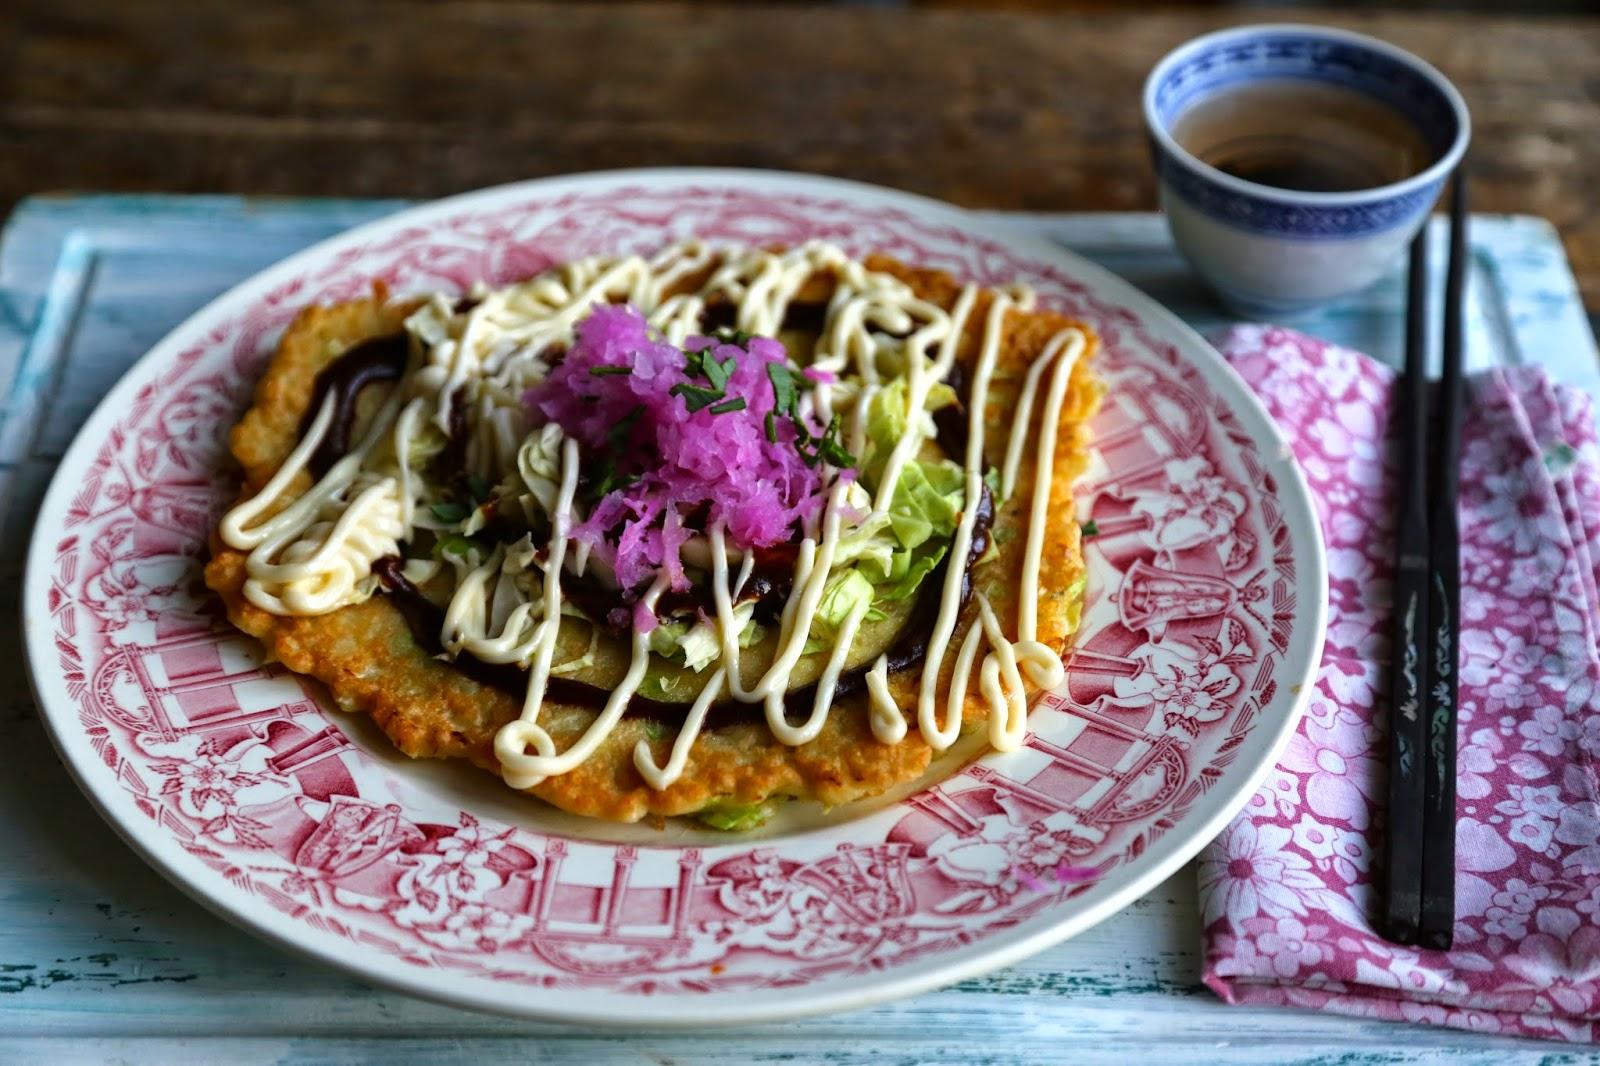 okonomiyake, Japanese cabbage pancake omelette,